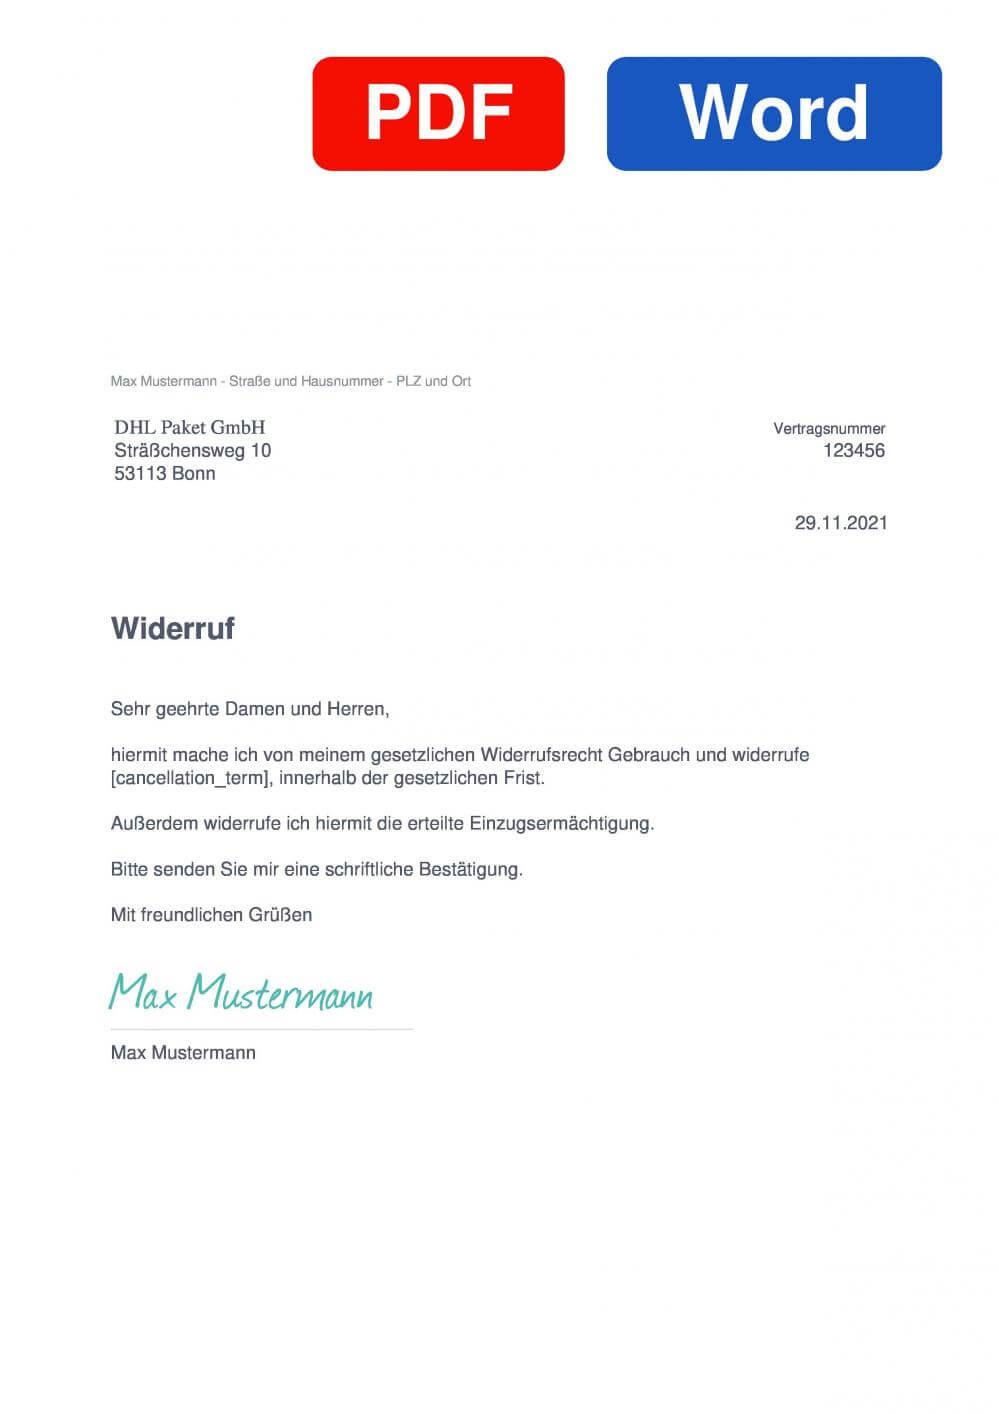 DHL Packstation Muster Vorlage für Wiederrufsschreiben